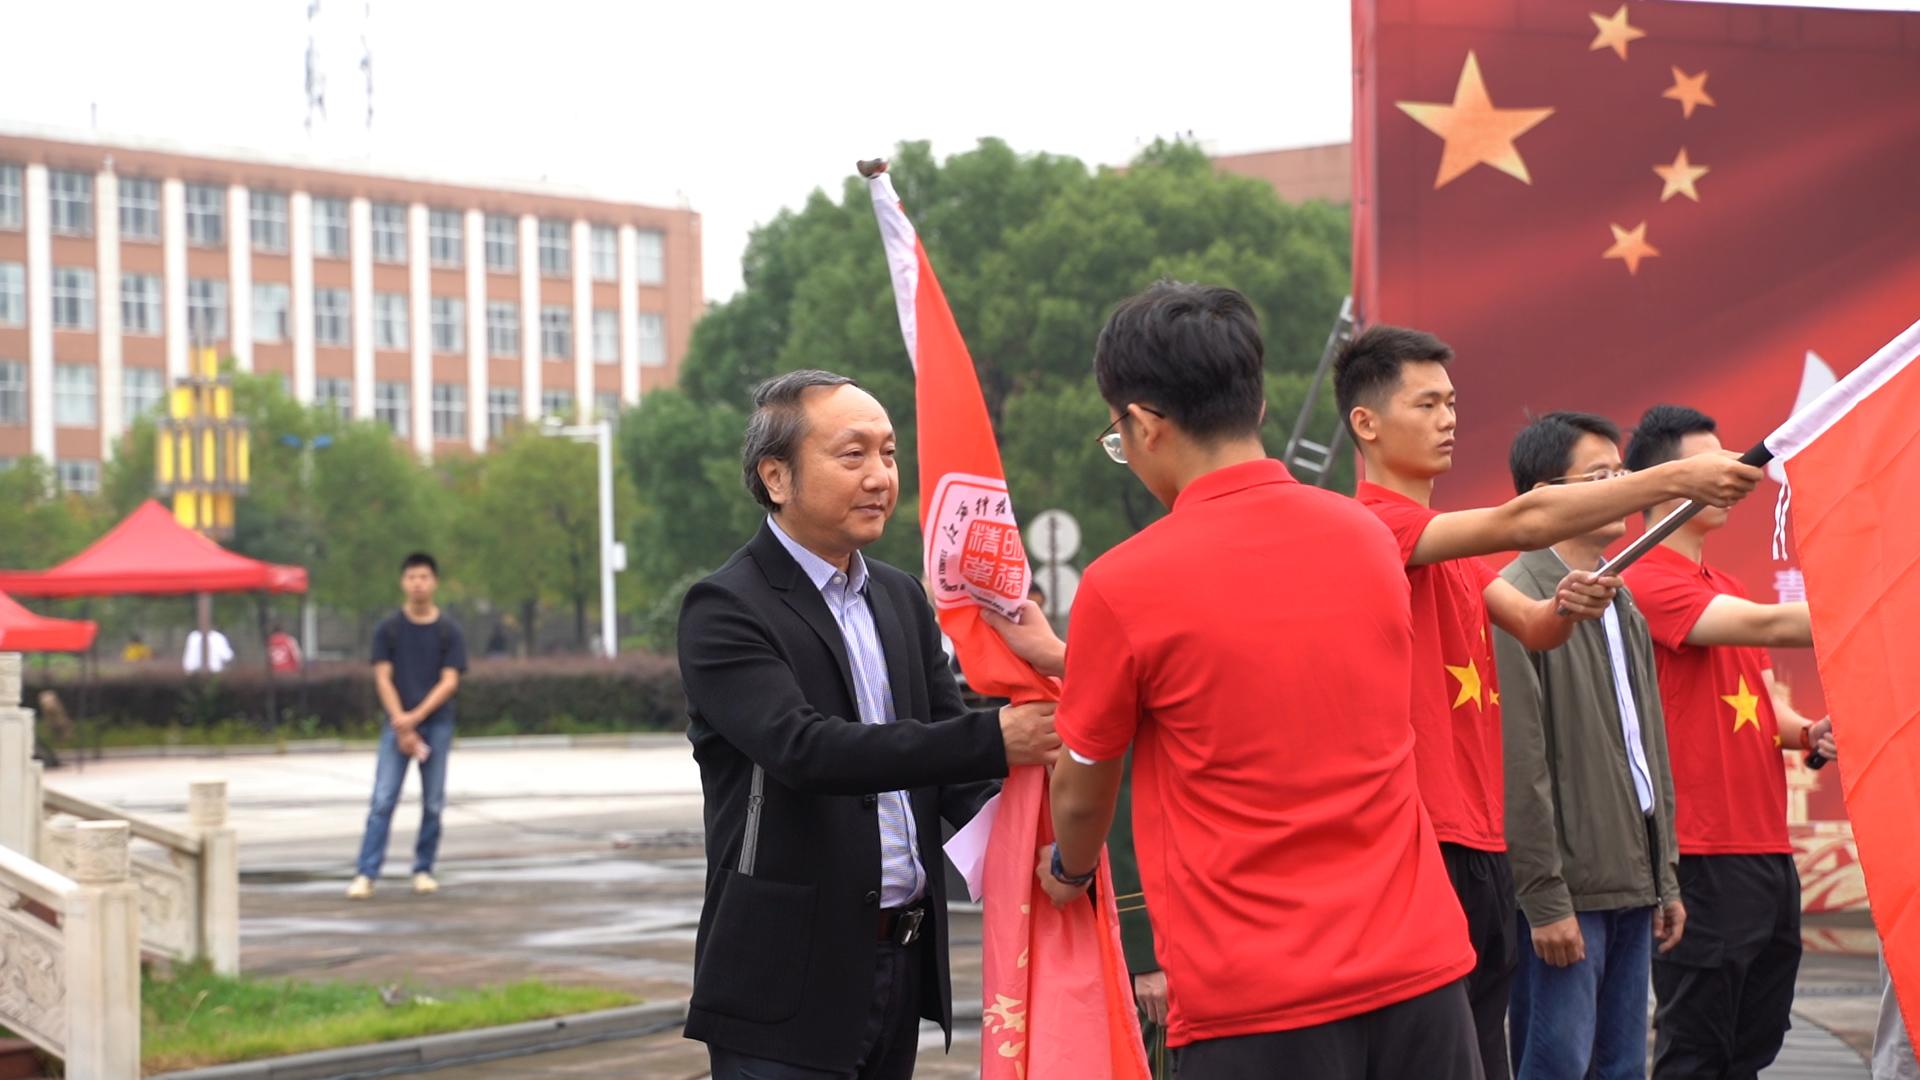 江西科技师范大学:2020名新生向国旗敬礼 向祖国致敬